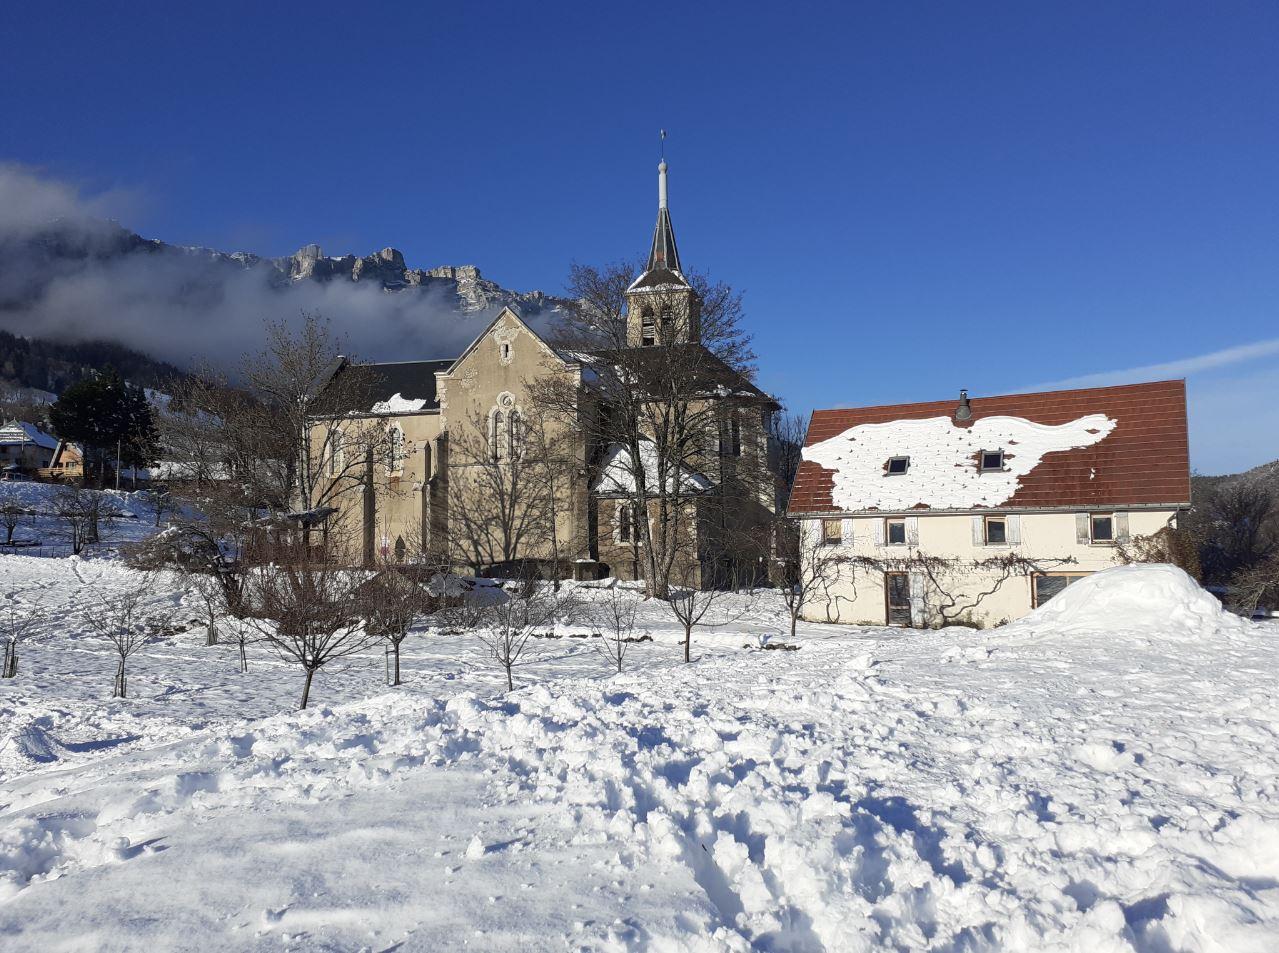 L'église de Saint-Bernard-du-Touvet